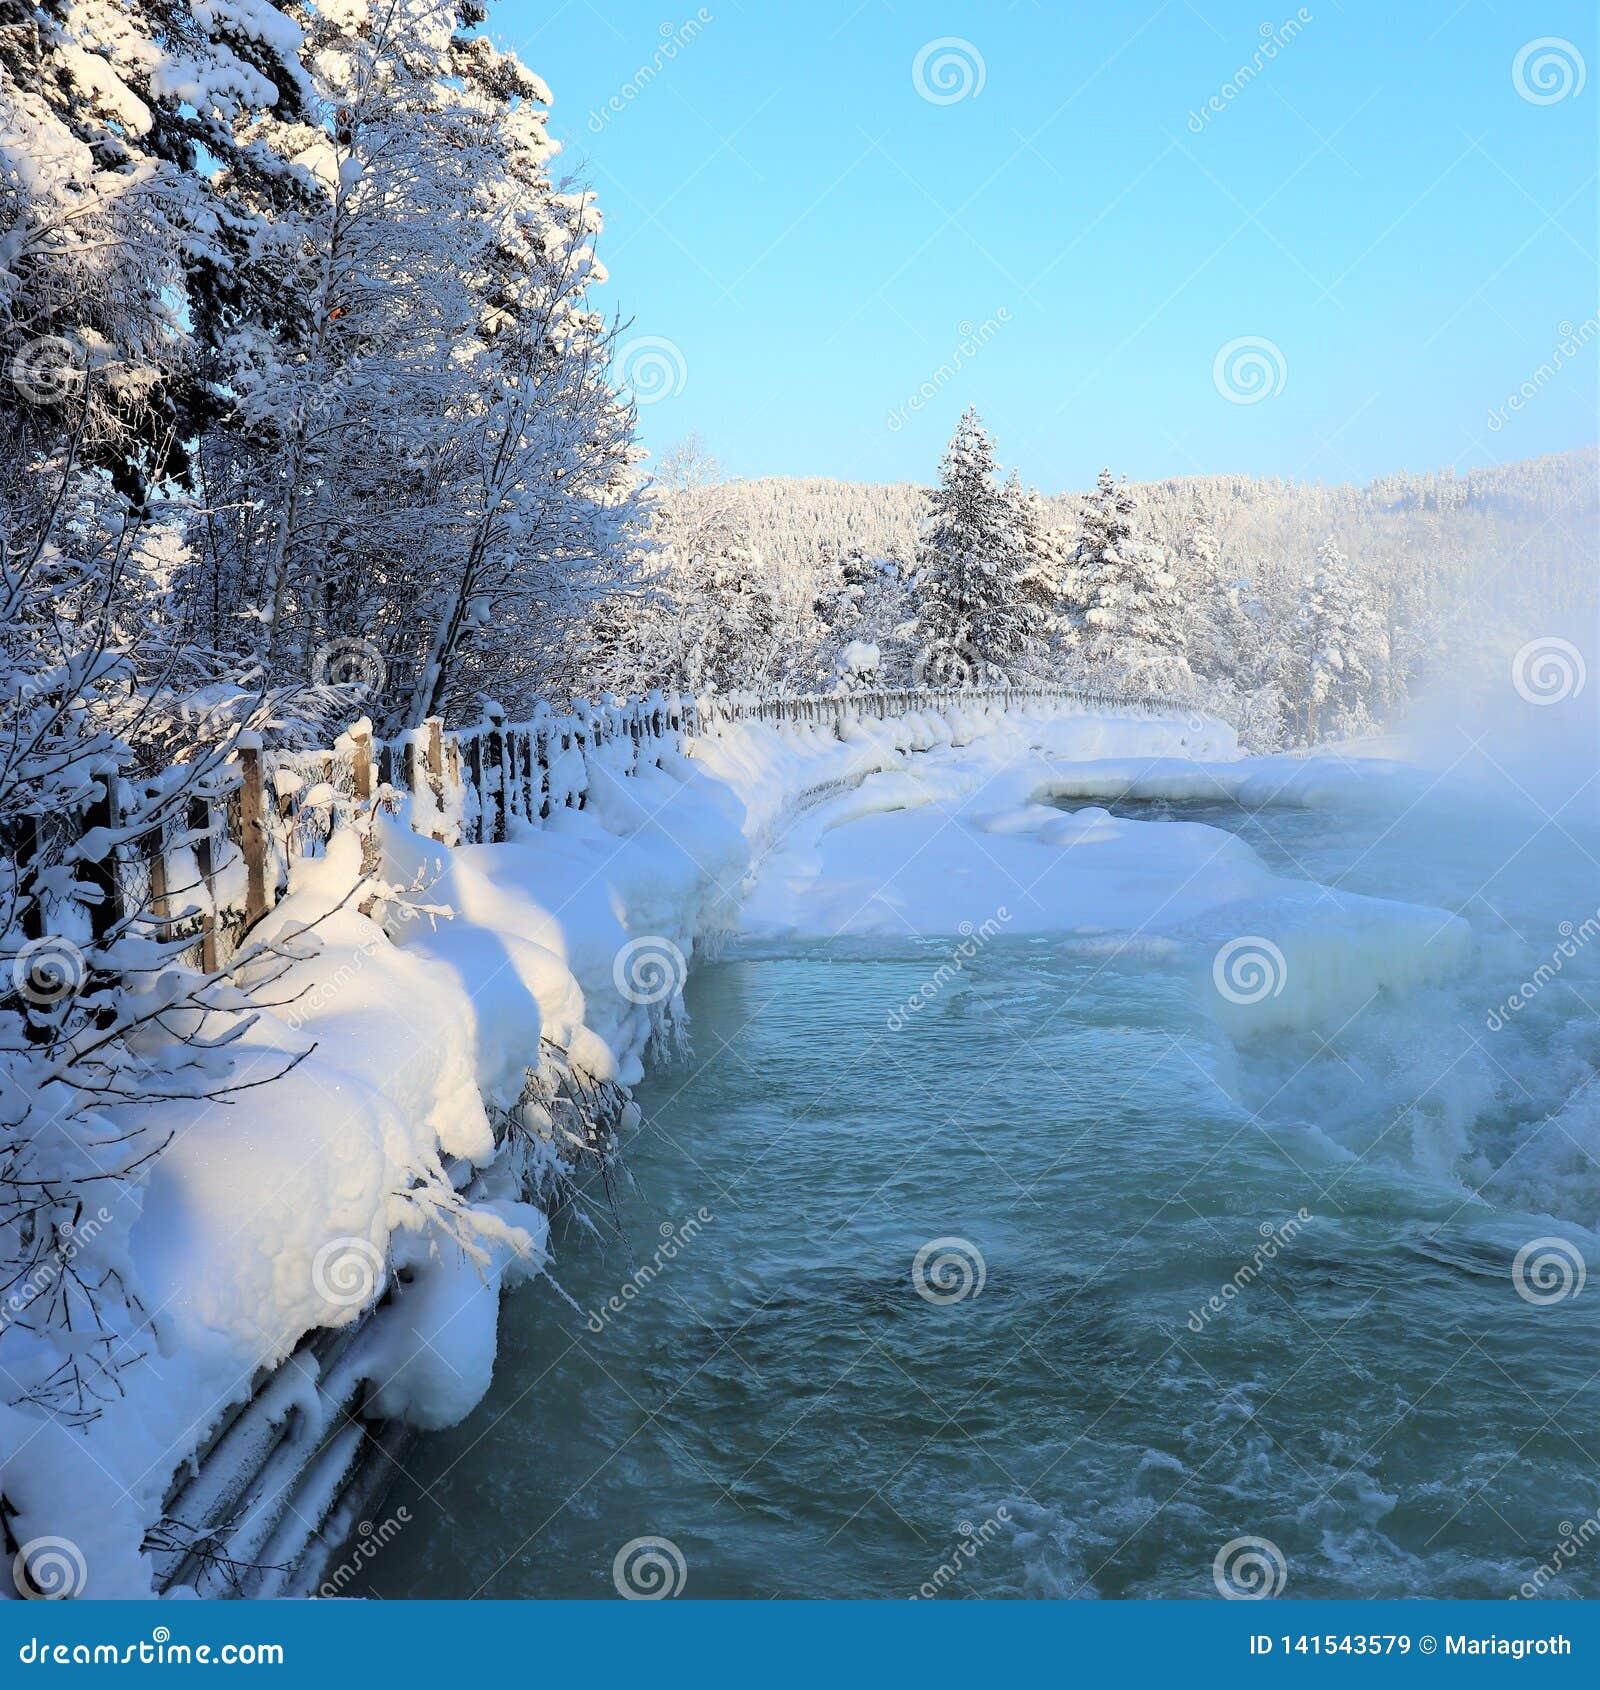 Storforsen w bajecznie zima krajobrazie